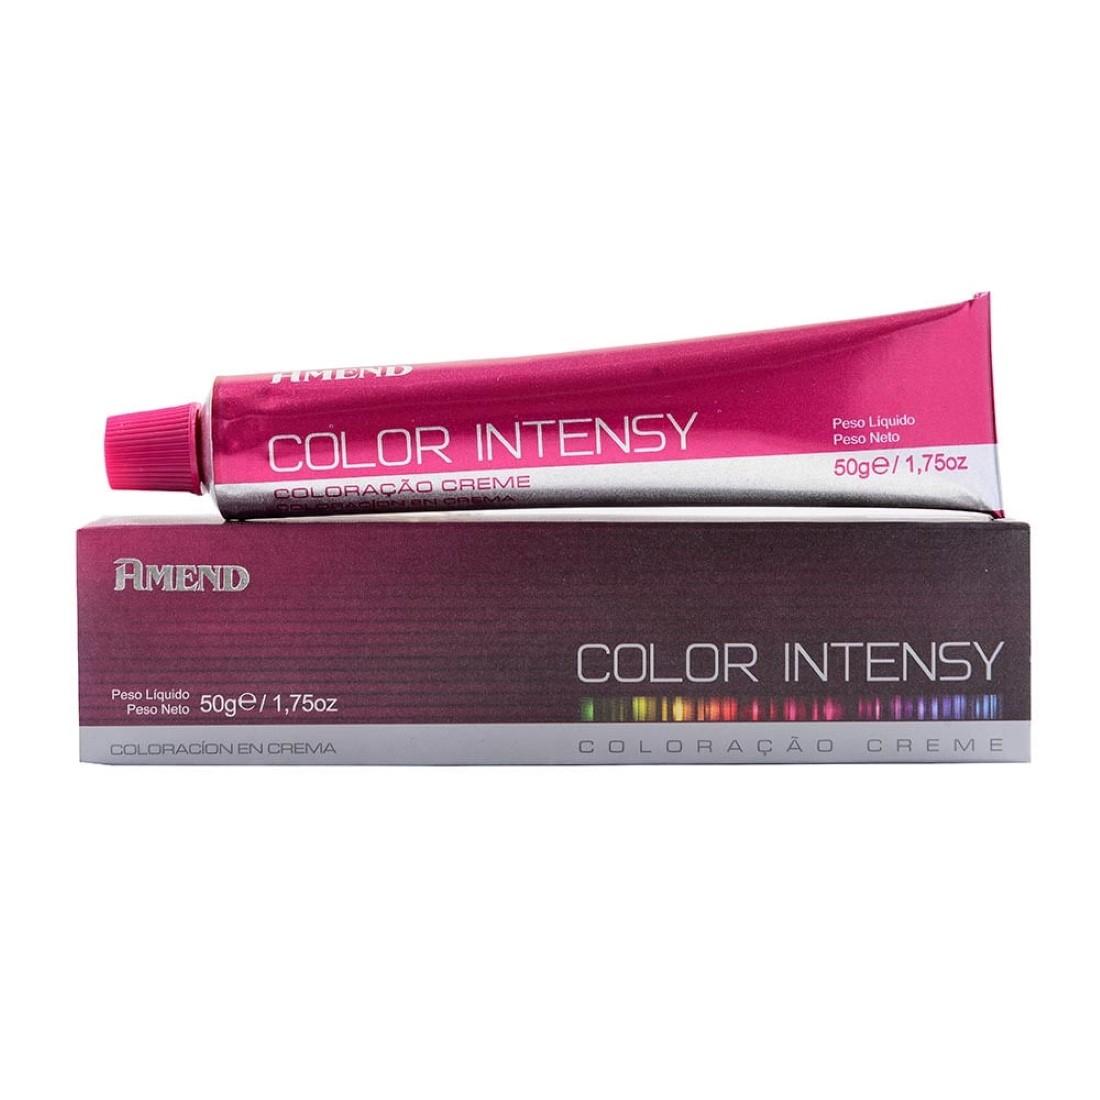 Coloração Color Intensy Proteína da Seda 6.7 Louro Escuro Marrom Chocolate 50g - Amend